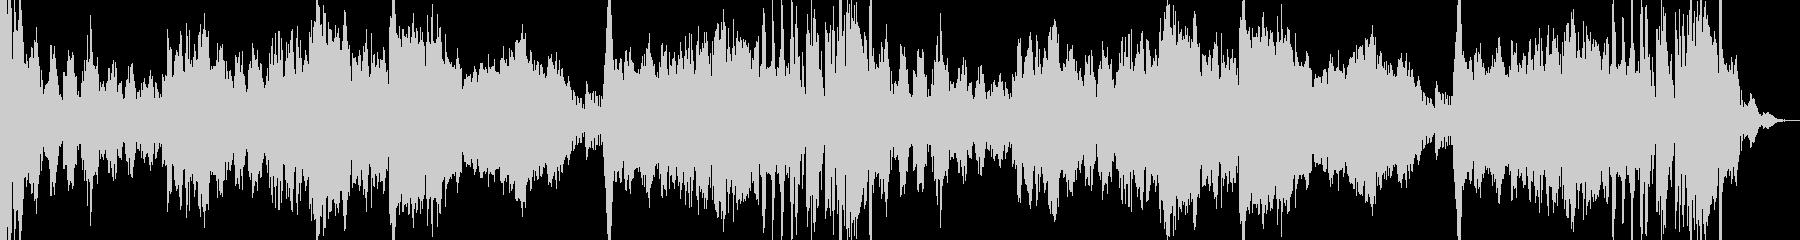 ピラミッド的なオーケストラ曲の未再生の波形